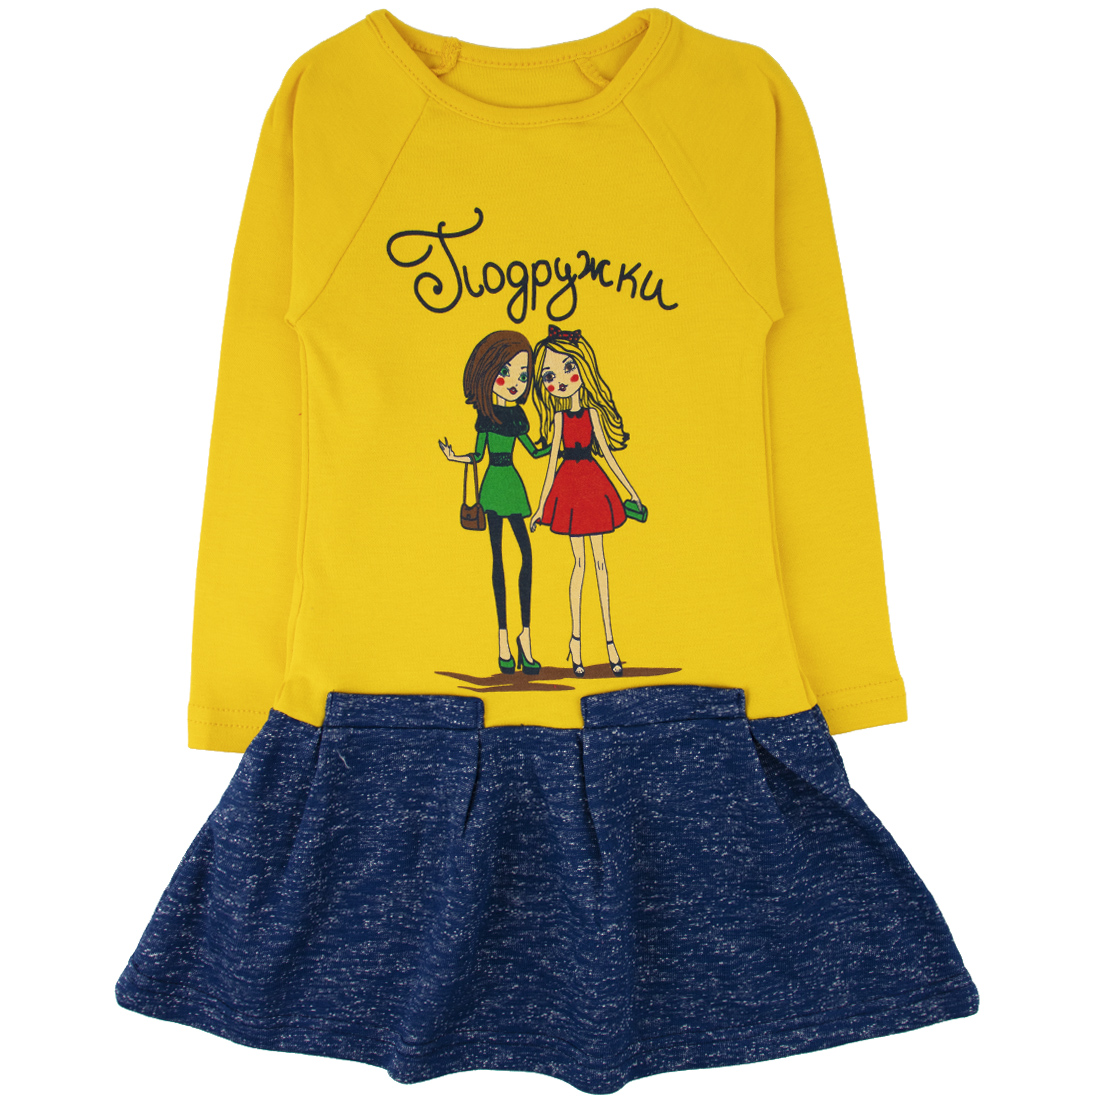 Купить 563фд/и ап, Платье детское Юлла, цв. желтый р. 110, Платья для девочек